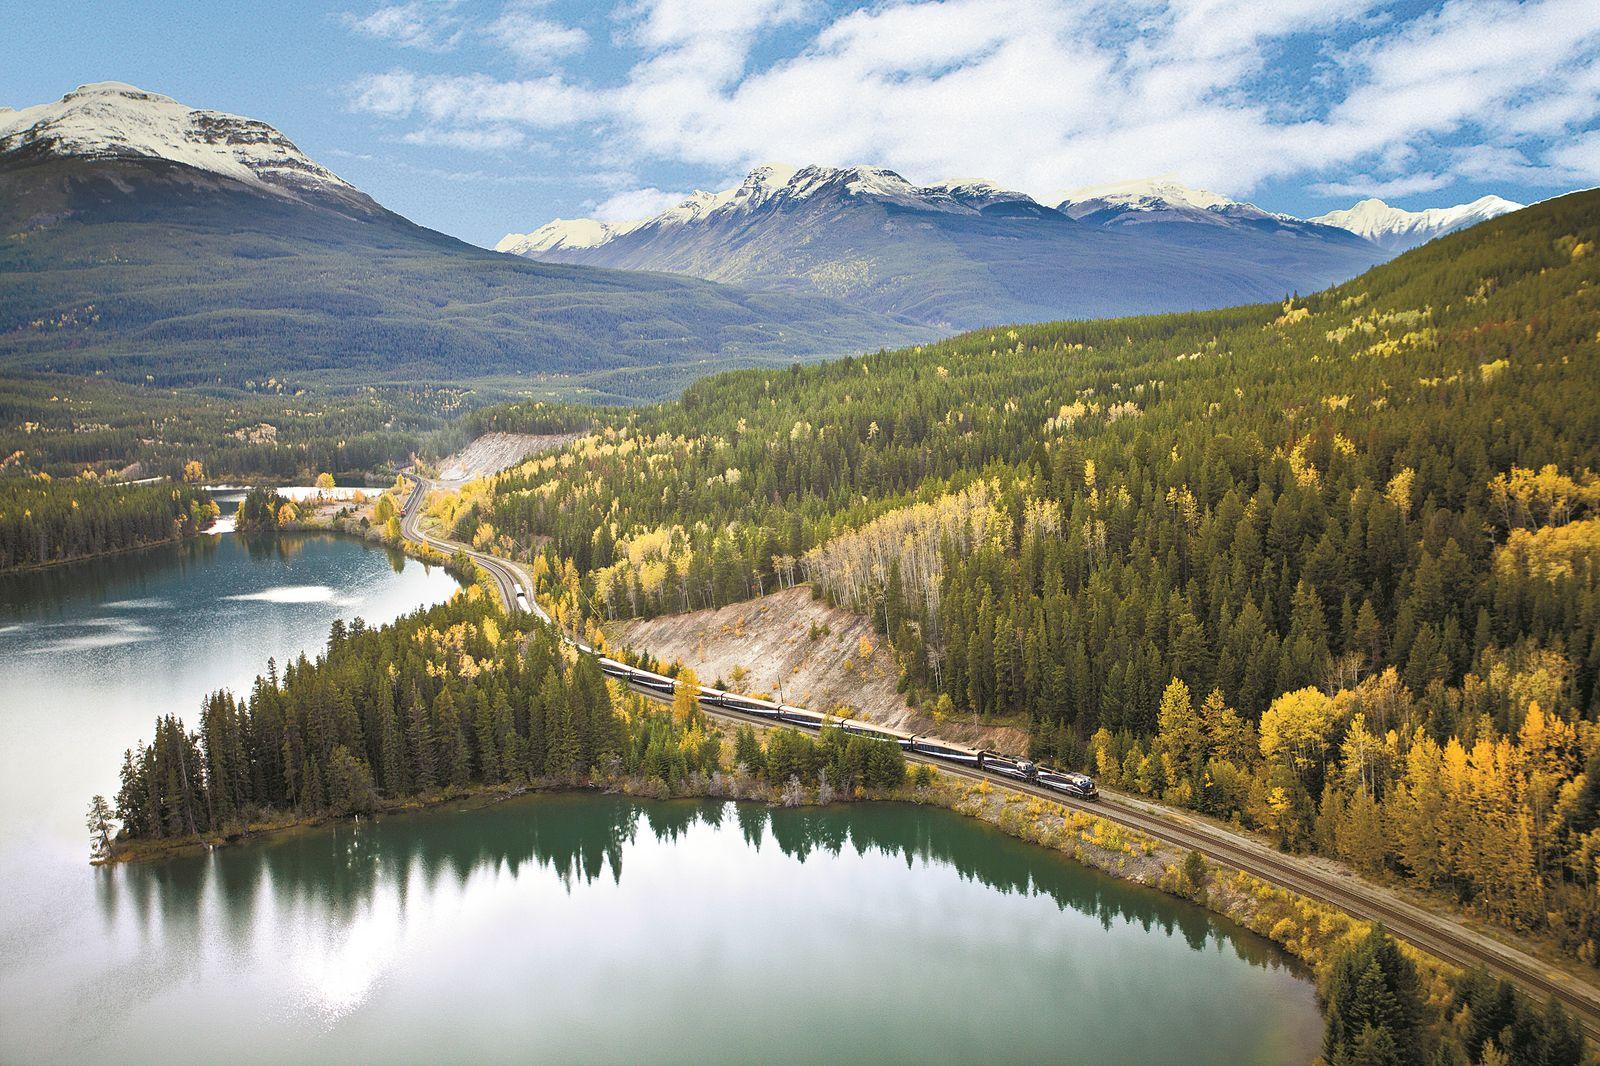 로키 산맥의 절경을 관통하는 로키 마운티니어 열차.